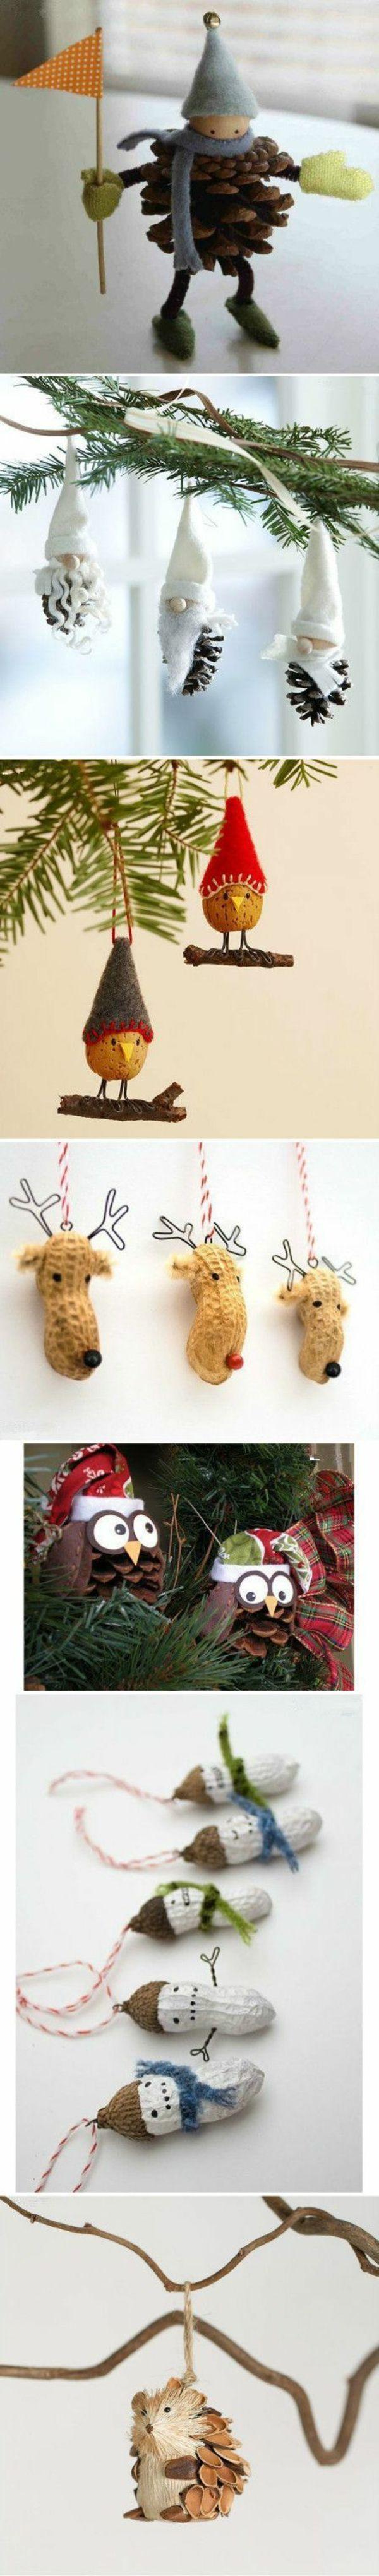 Weihnachtsdeko basteln - Es weihnachtet ja schon!                                                                                                                                                                                 Mehr